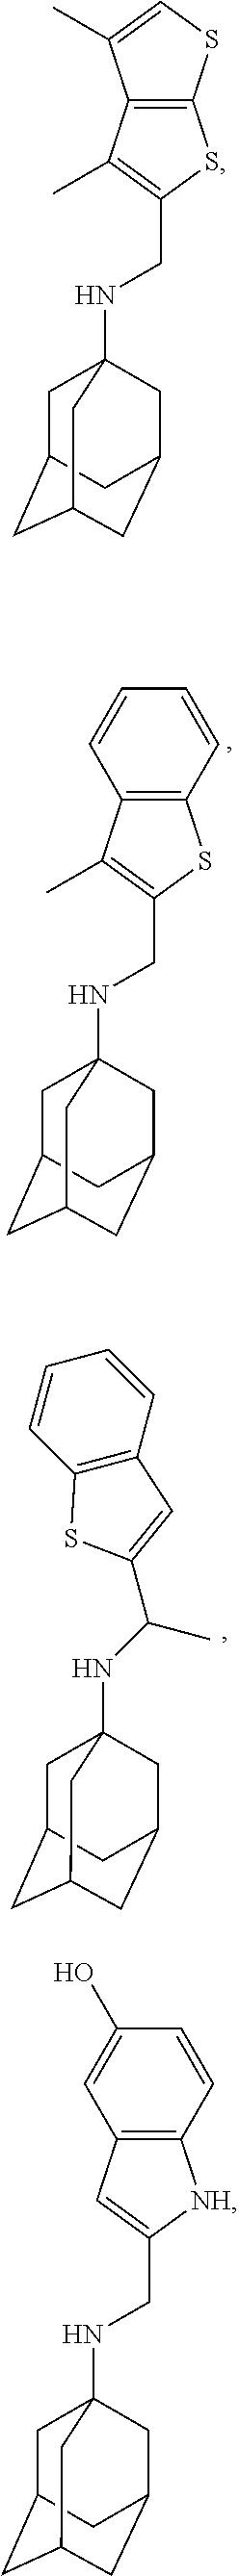 Figure US09884832-20180206-C00067